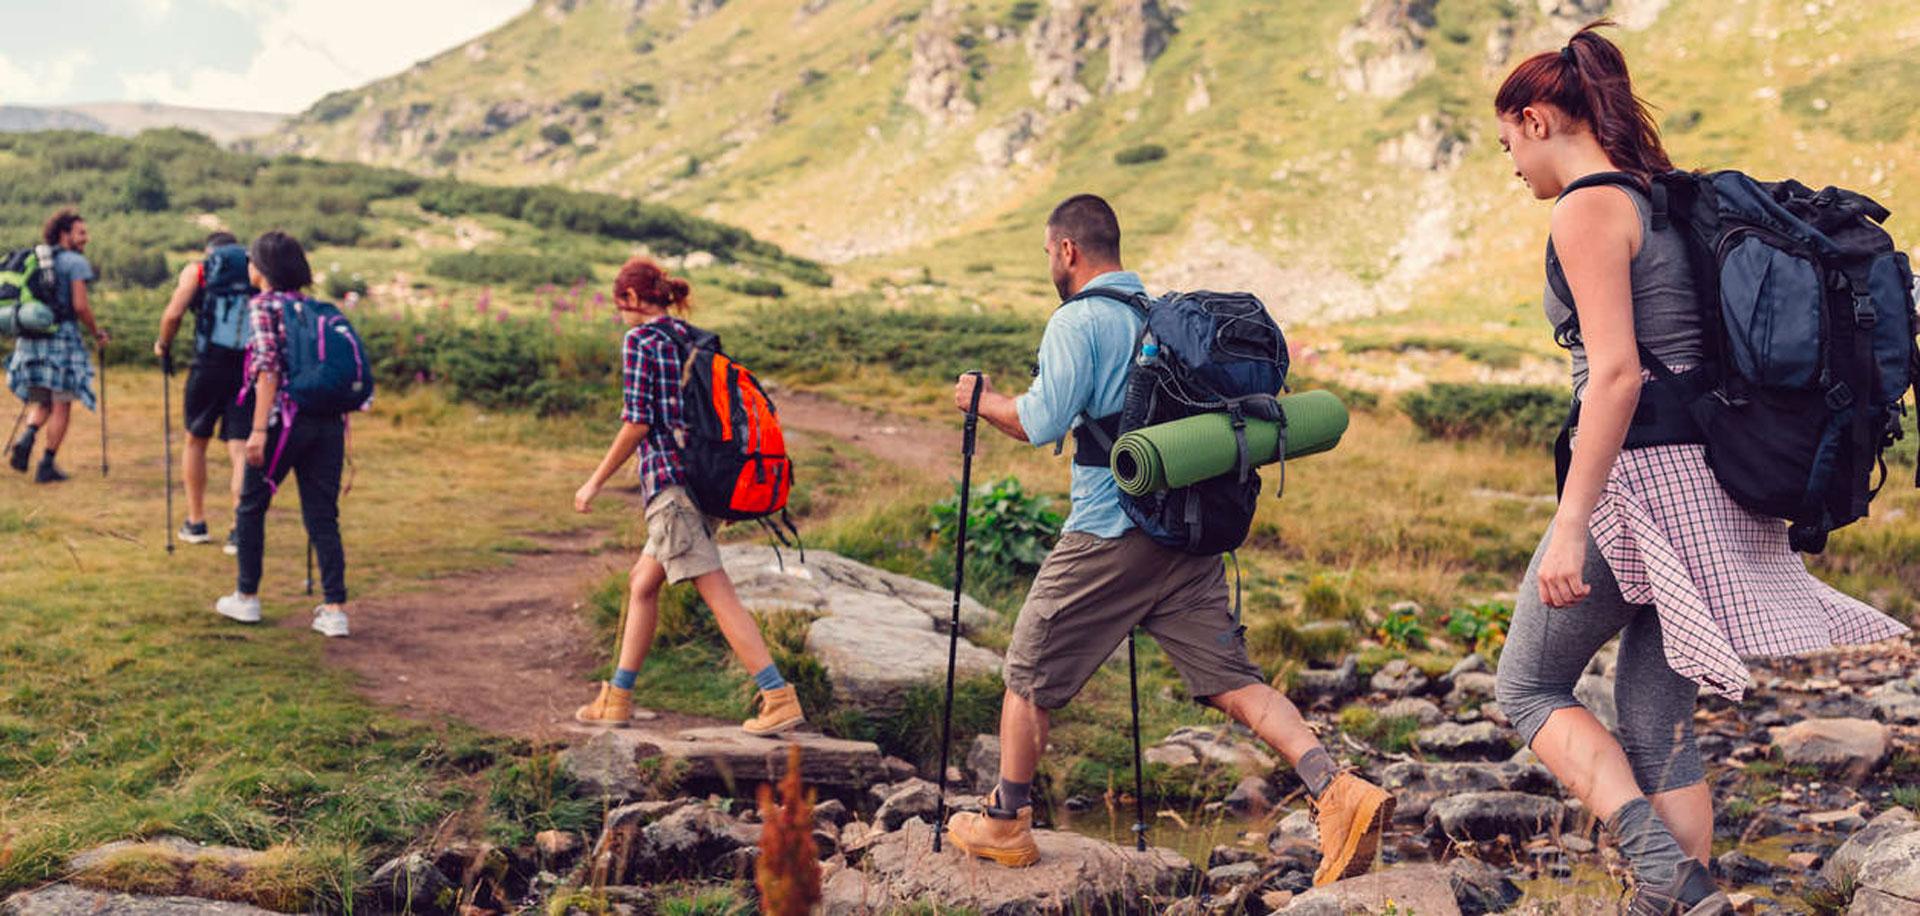 Camminare in montagna, pensando alla schiena